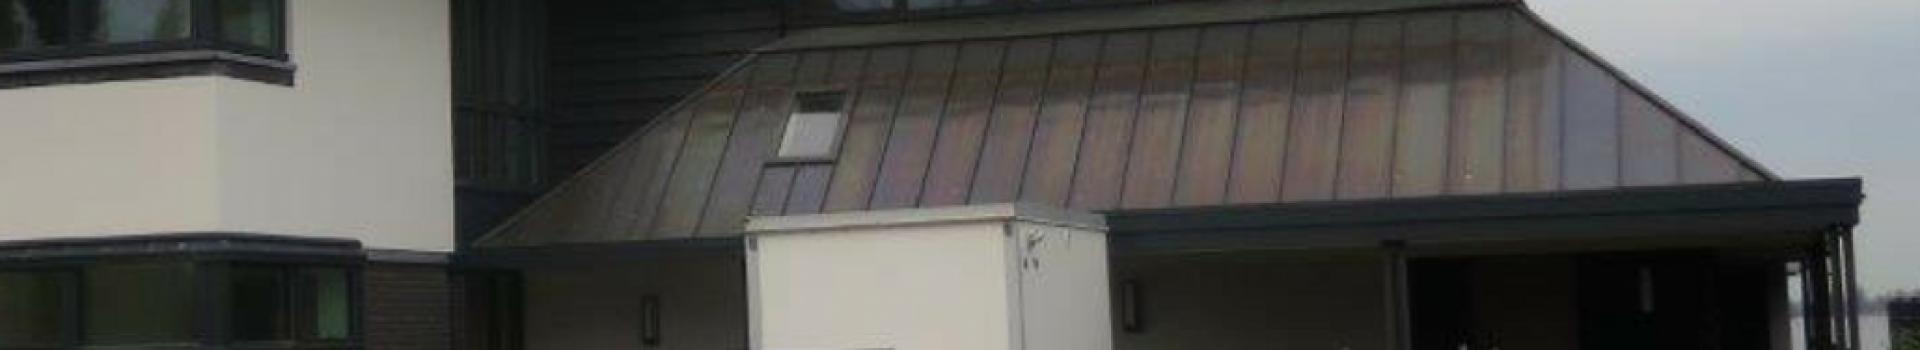 Woonhuis Breukelveen, Koper Tecu-Oxid in staande fels